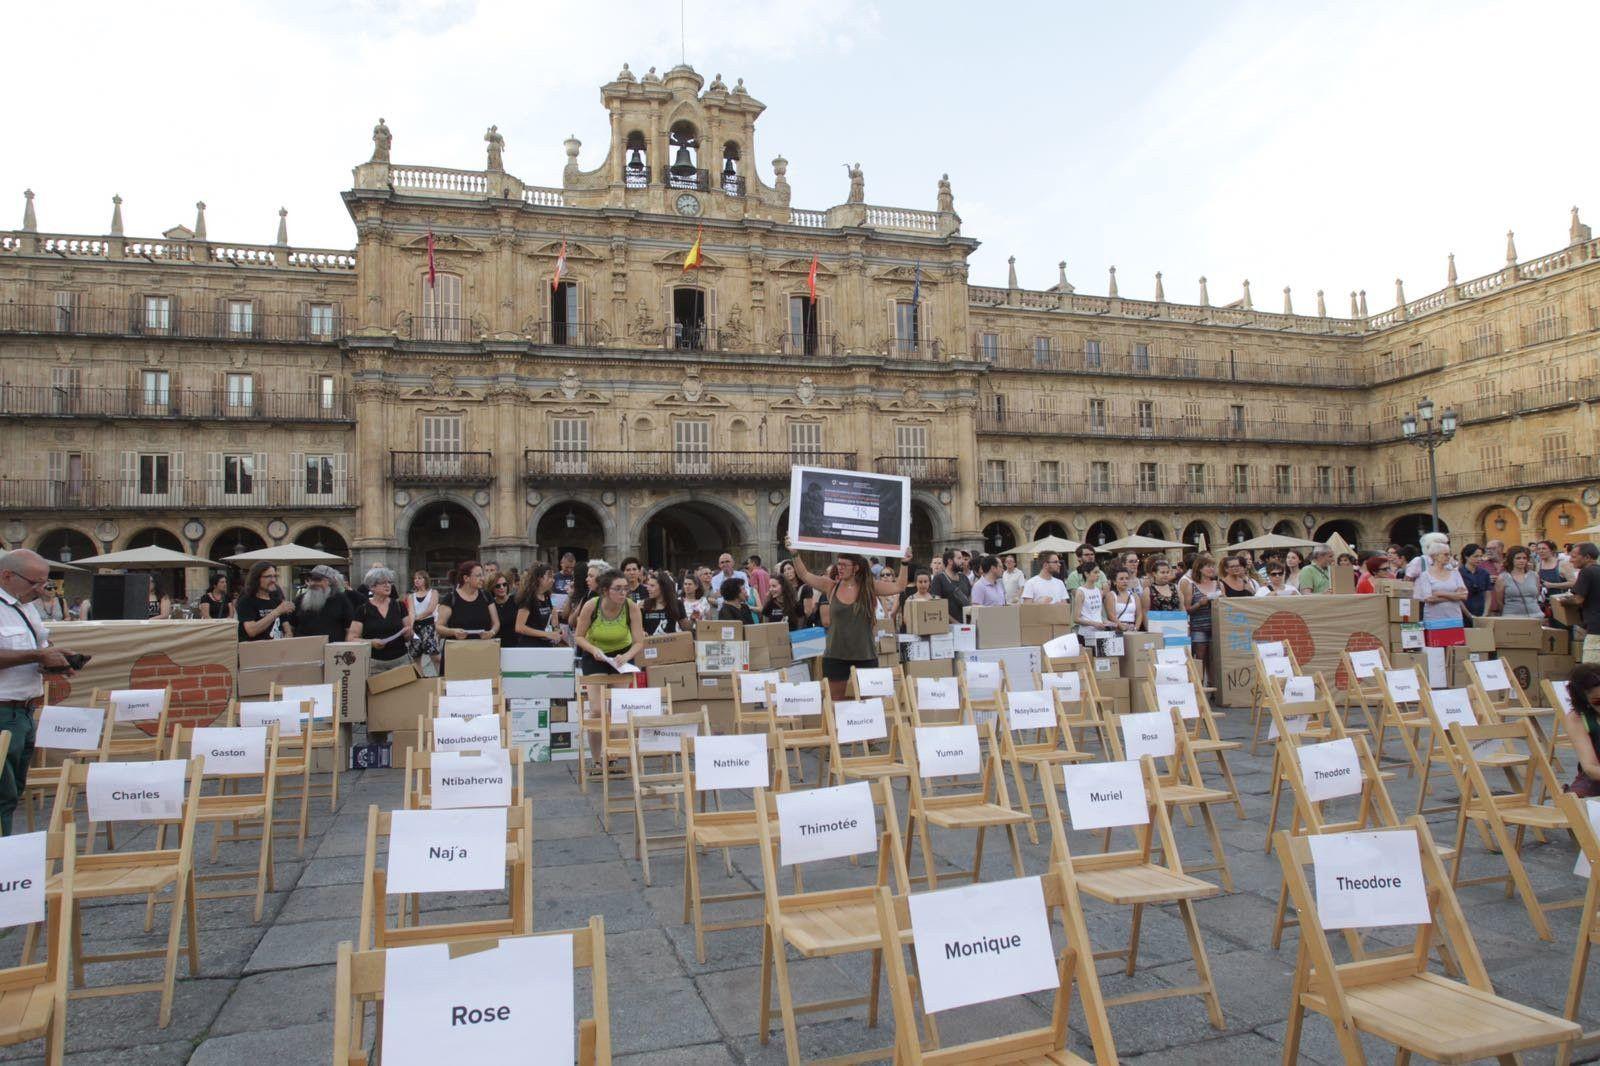 Actos simb licos por los refugiados en la plaza mayor for Cerrajeros salamanca 24 horas